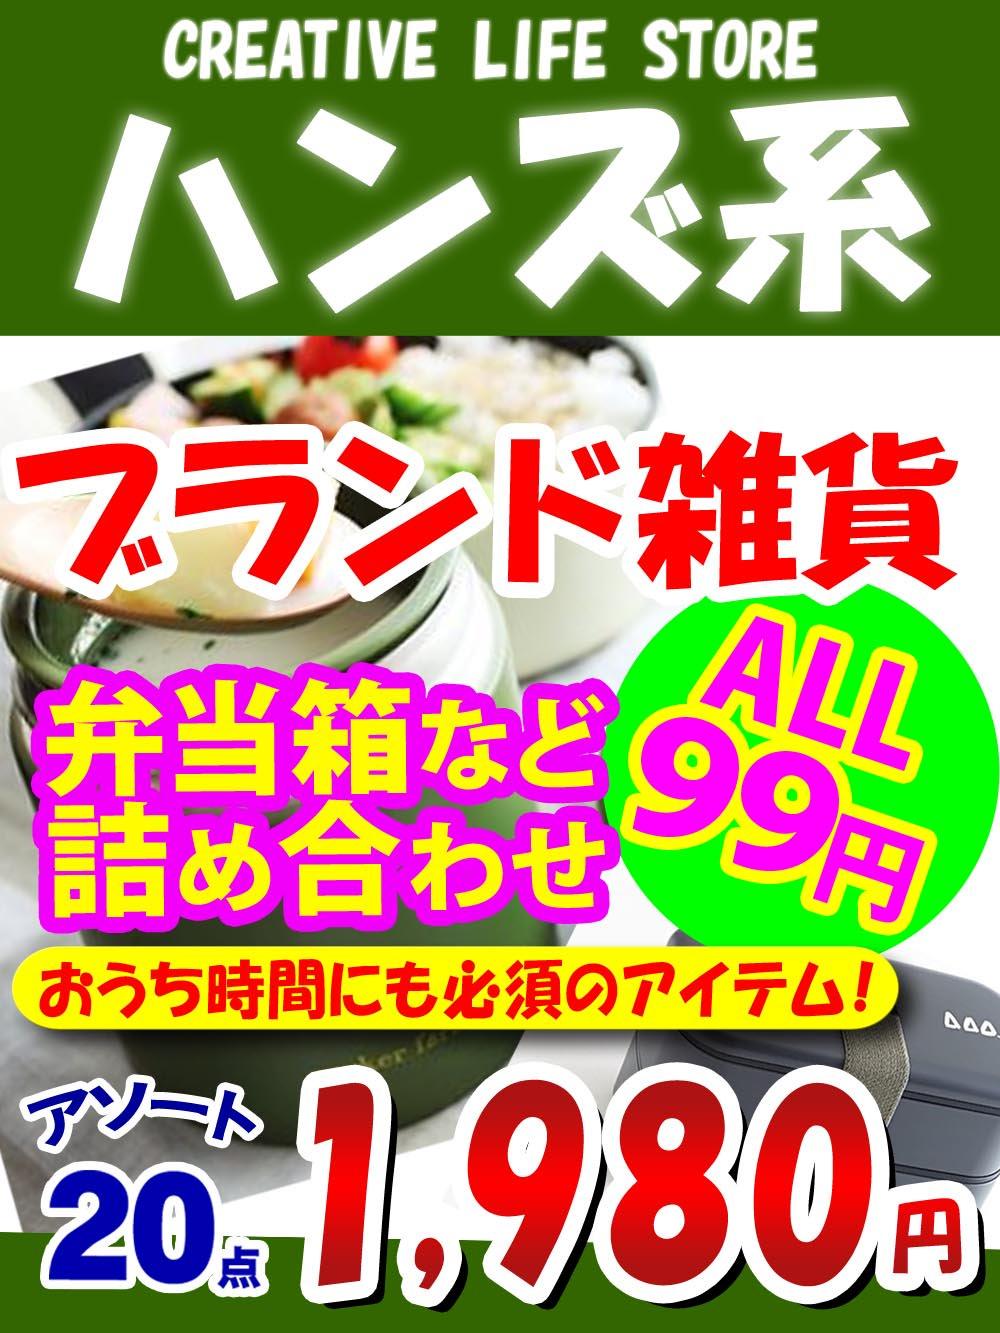 初入荷!【ハンズ系ブランド雑貨99円】弁当箱等詰め合わせ【20点】@99